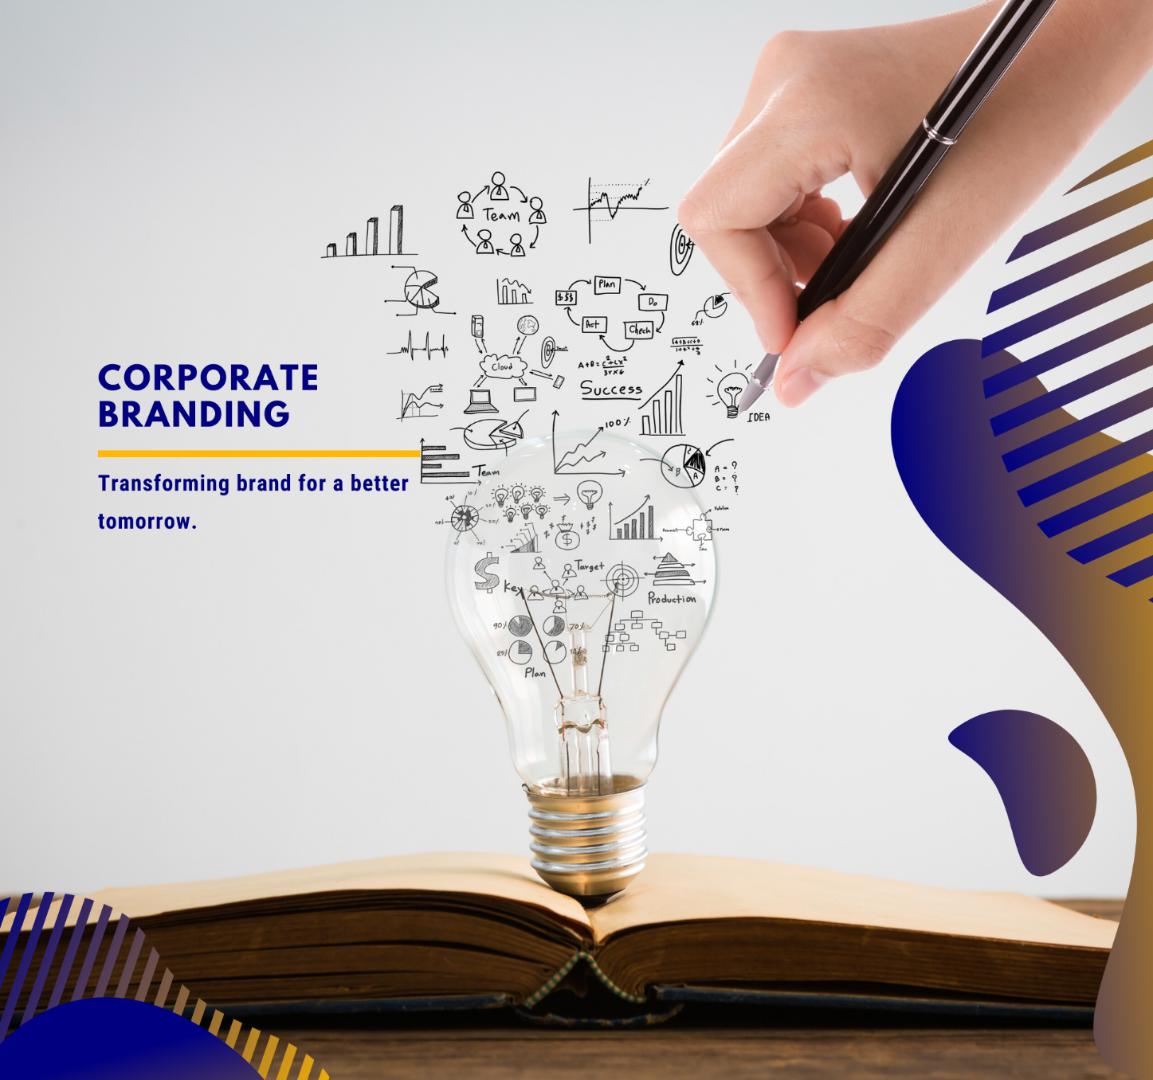 برندینگ شرکتی در جذب مشتریان دائمی و تضمین درآمد نقش کلیدی دارد